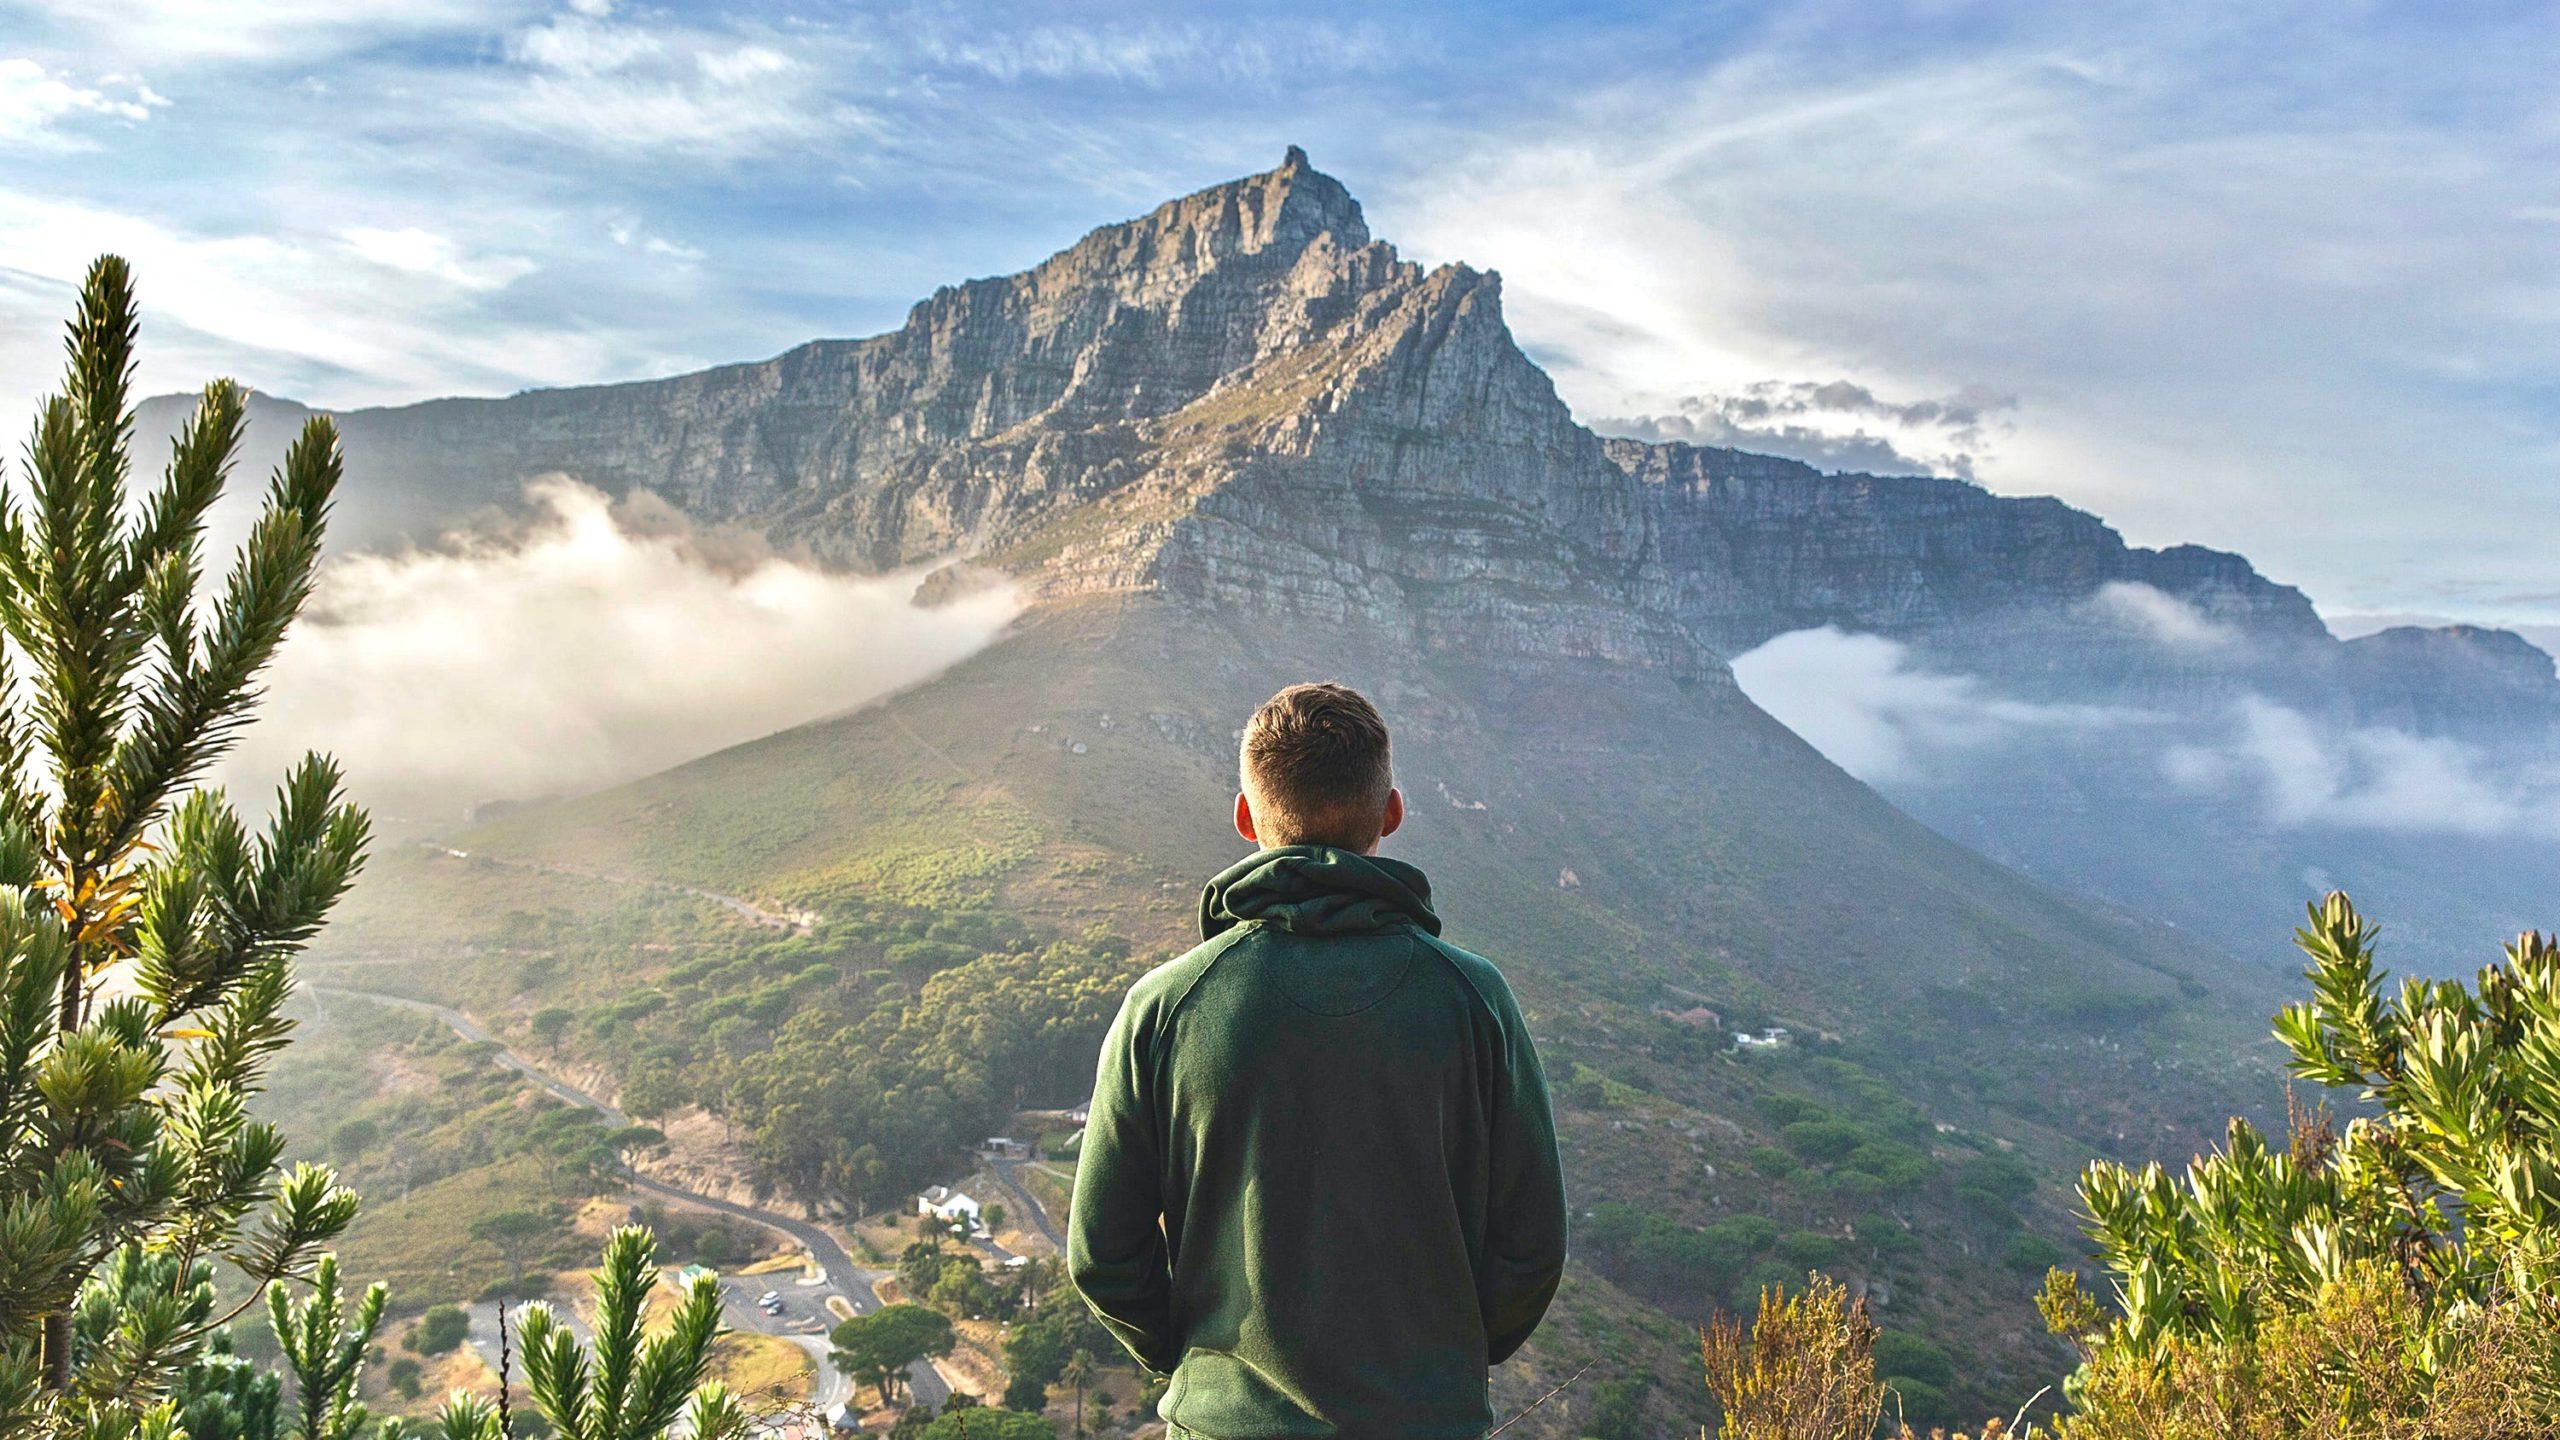 Kopf freibekommen beschrieben durch einen jungen Mann der beruhigt in die Ferne auf einen Berg schaut